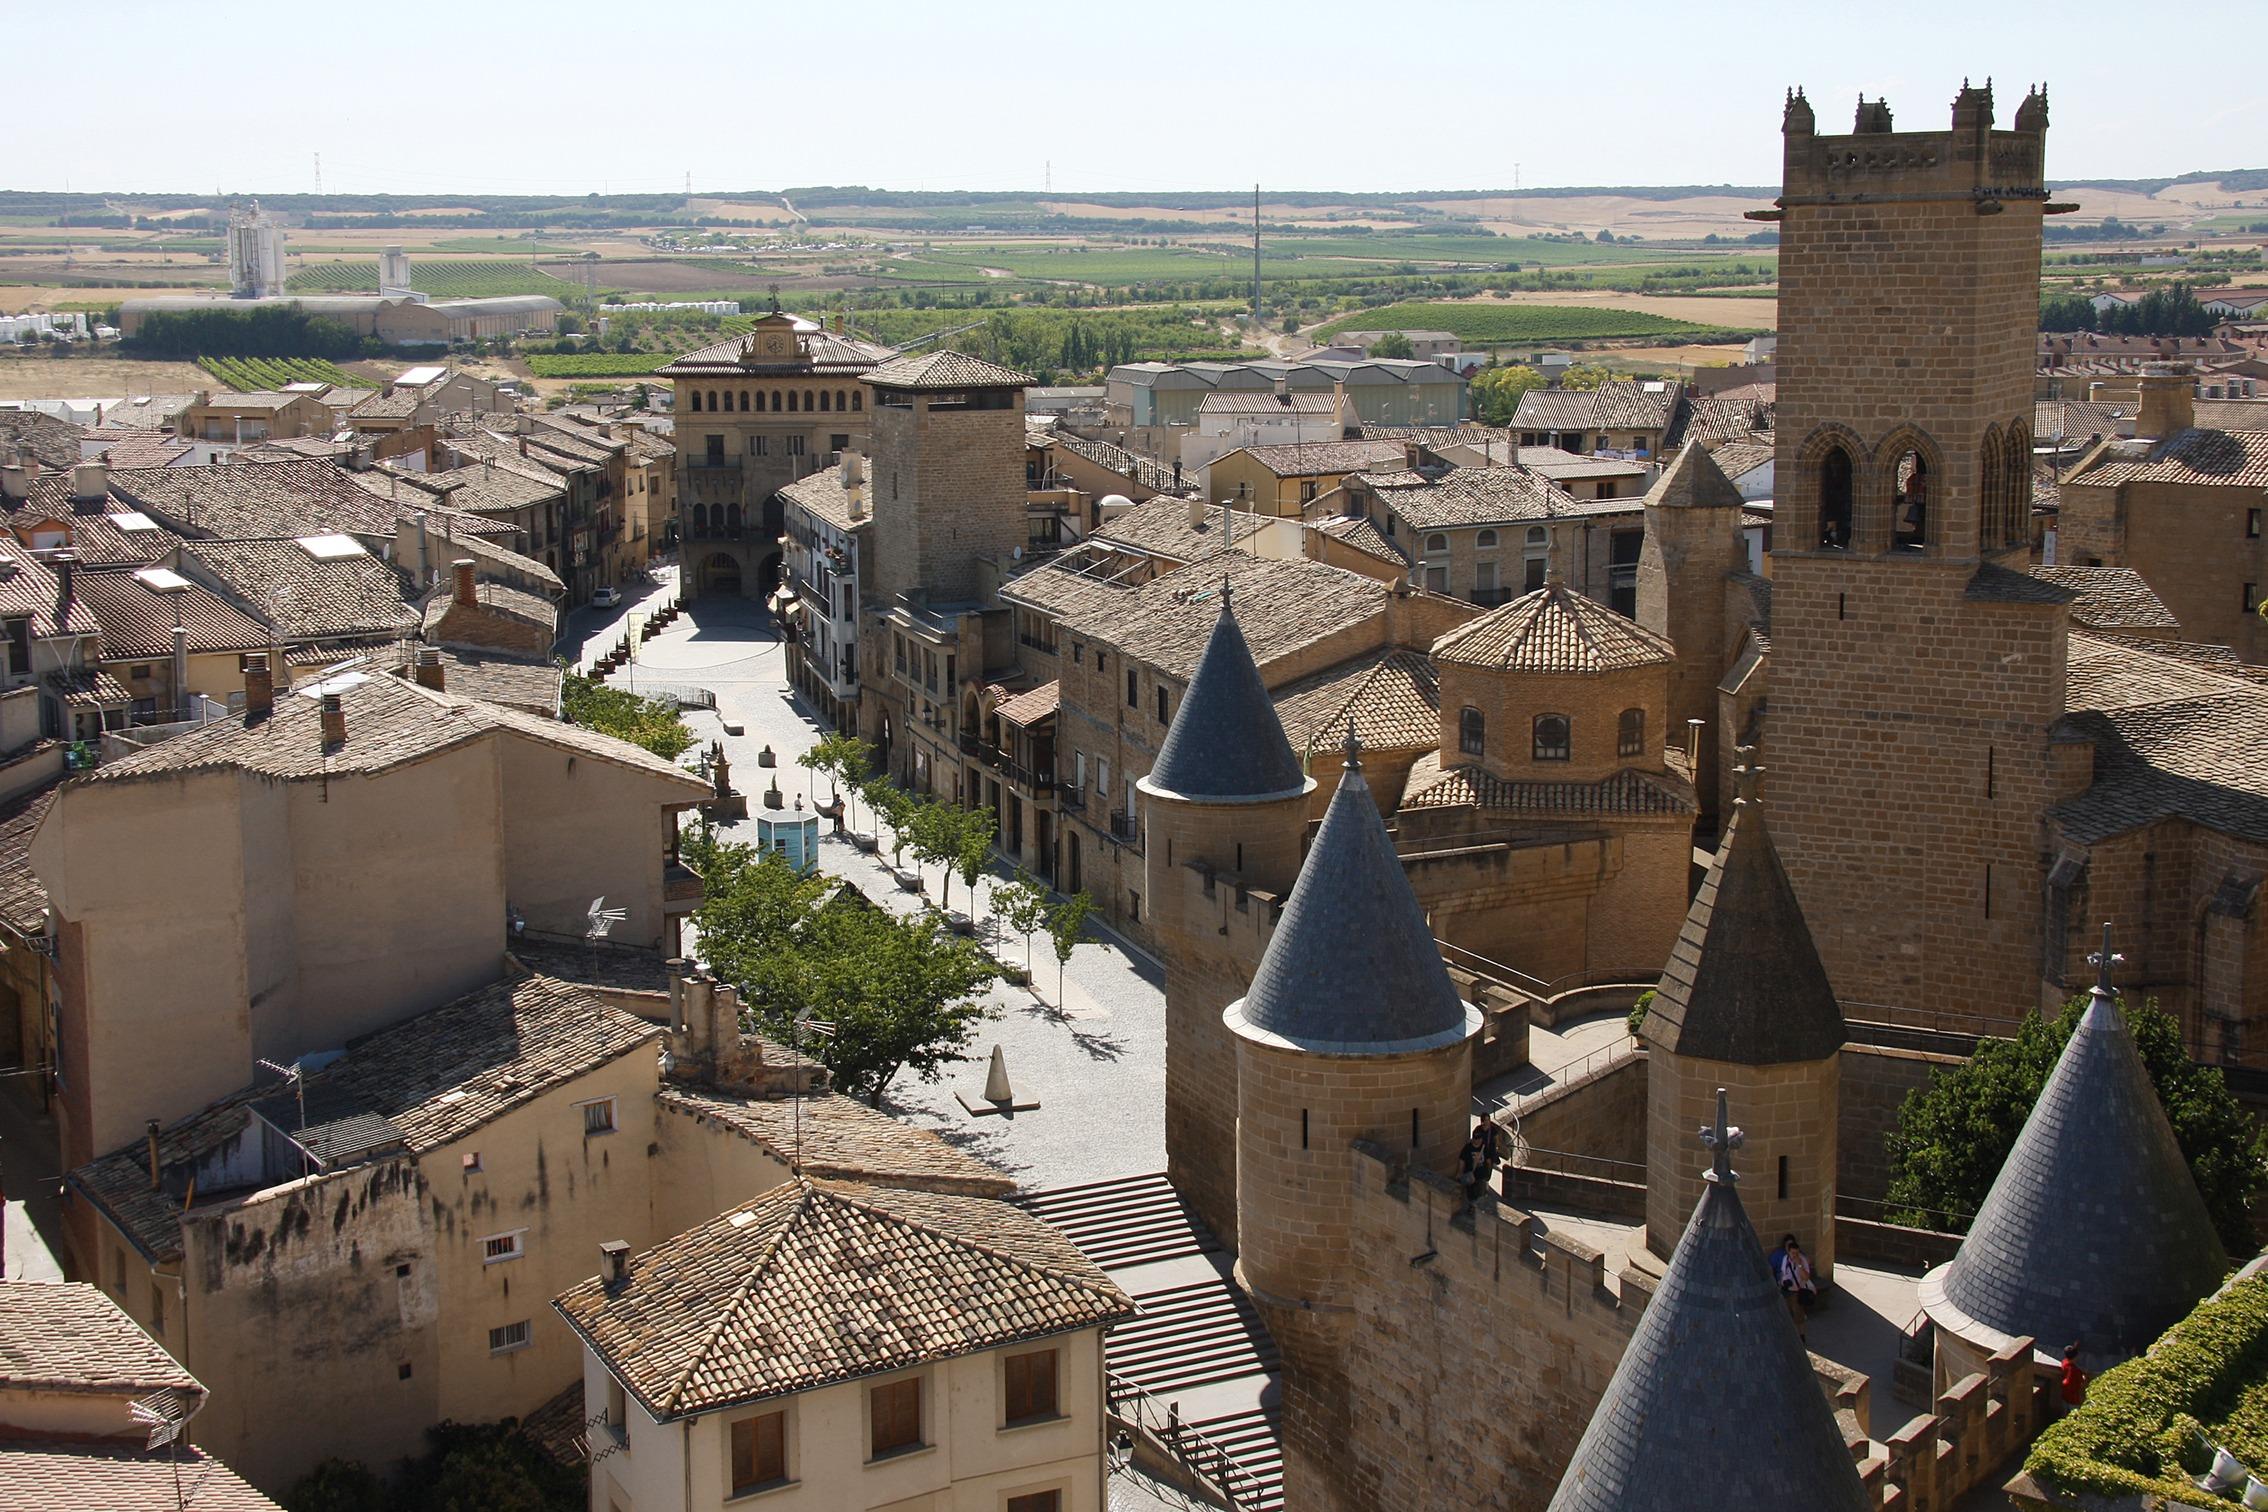 """El Palacio Real de Olite, el lugar más visitado por los turistas. (Fotografía cedida por el Archivo de Turismo """"Reyno de Navarra"""")"""